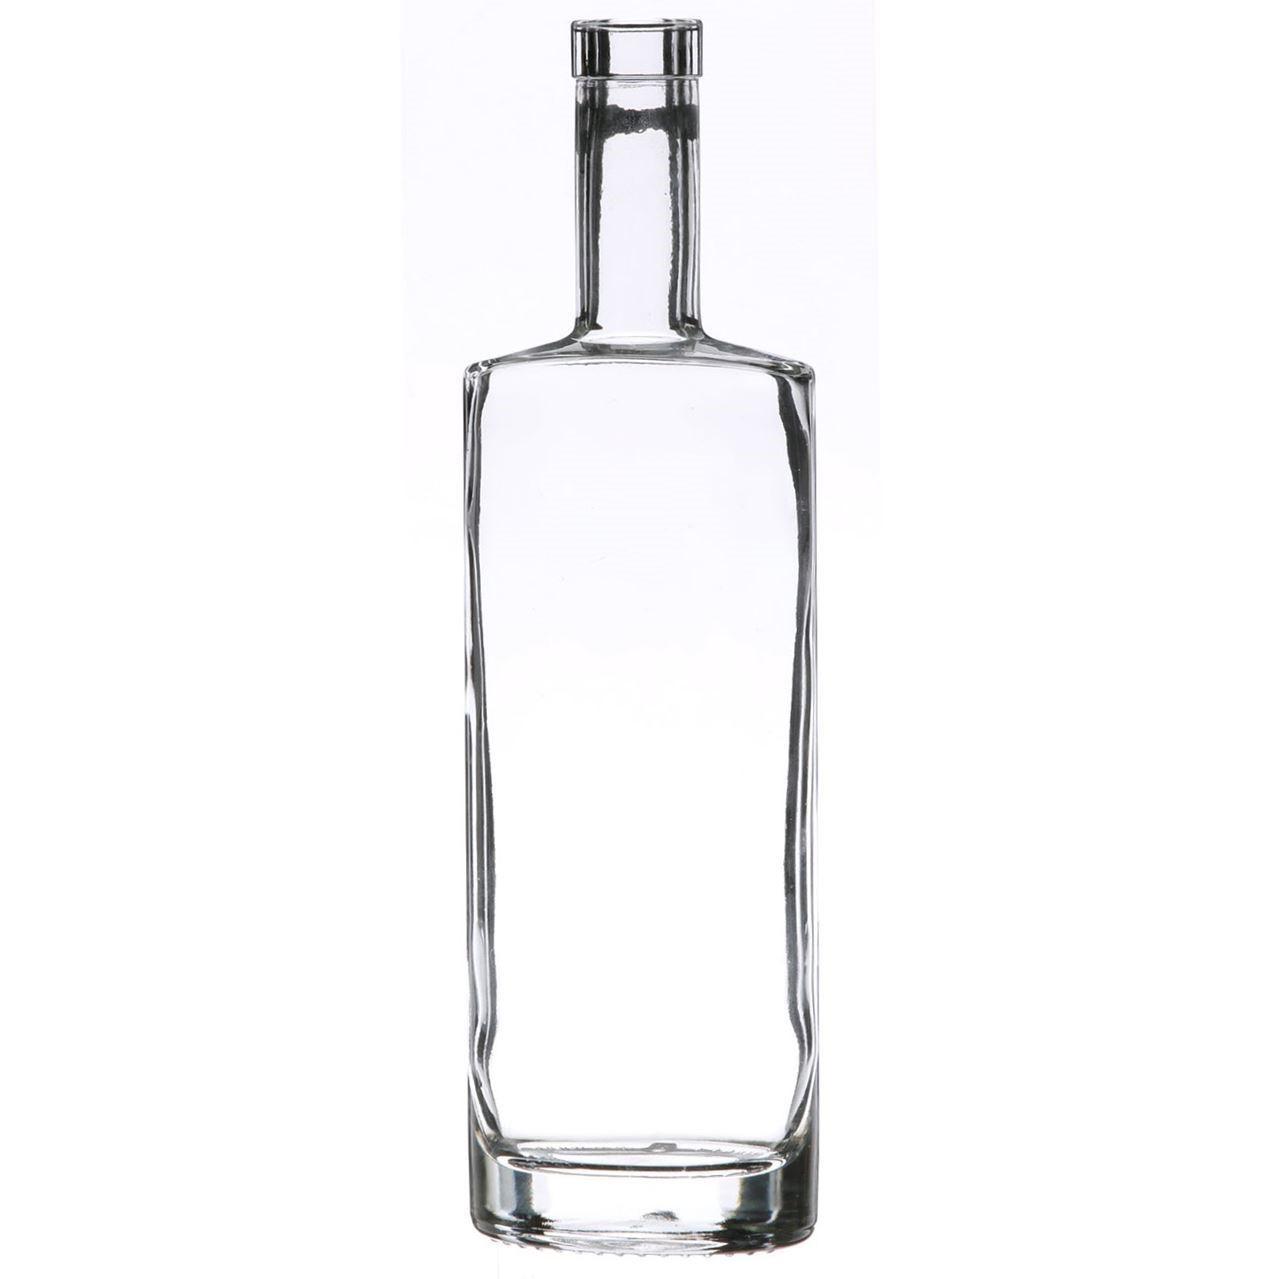 liquor bottles in bulk